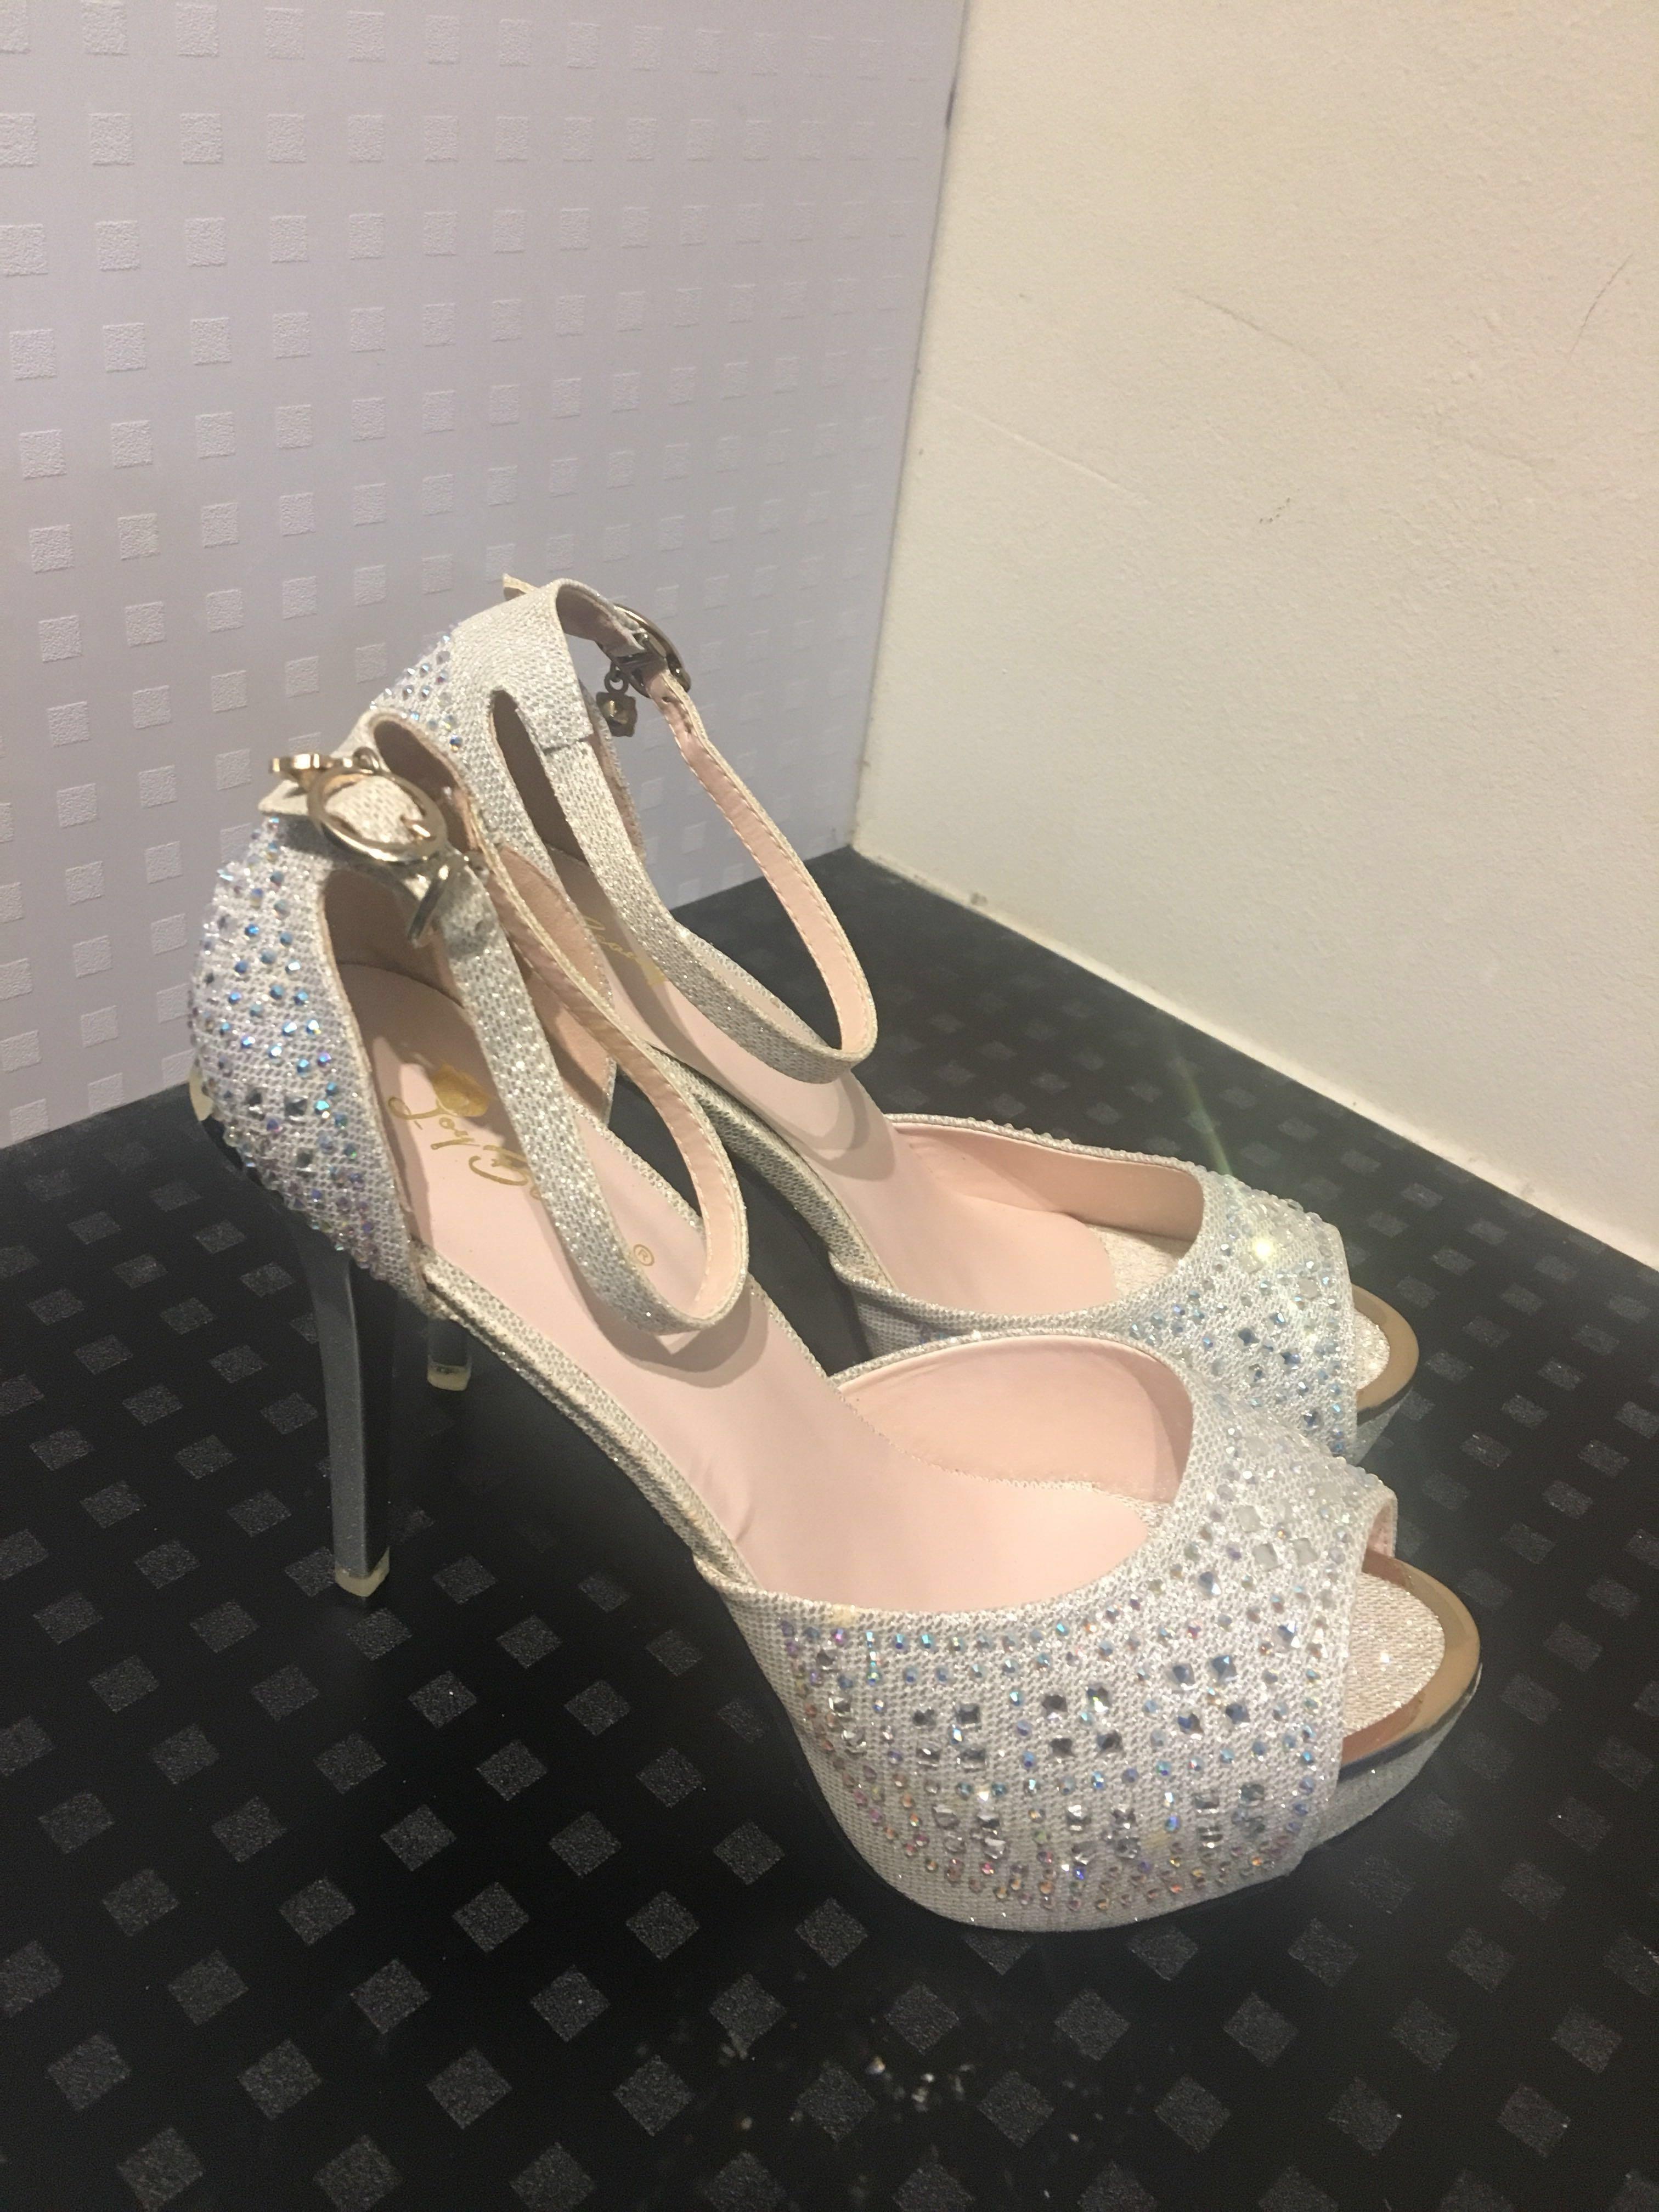 a92f628ee47 Wedding heels